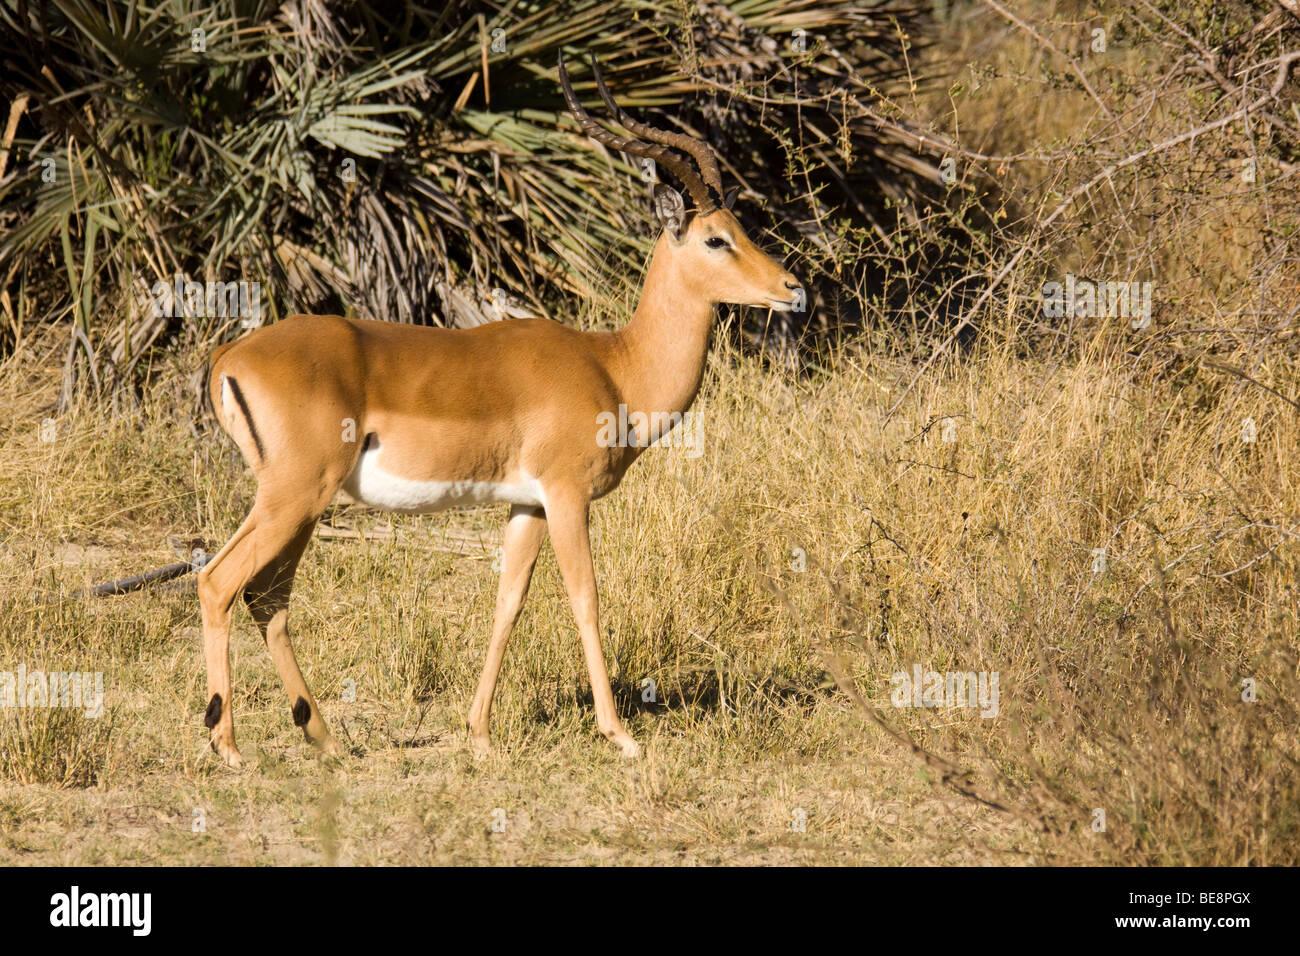 Impala (Aepyceros melampus), Mahango Park, Namibia, Africa - Stock Image